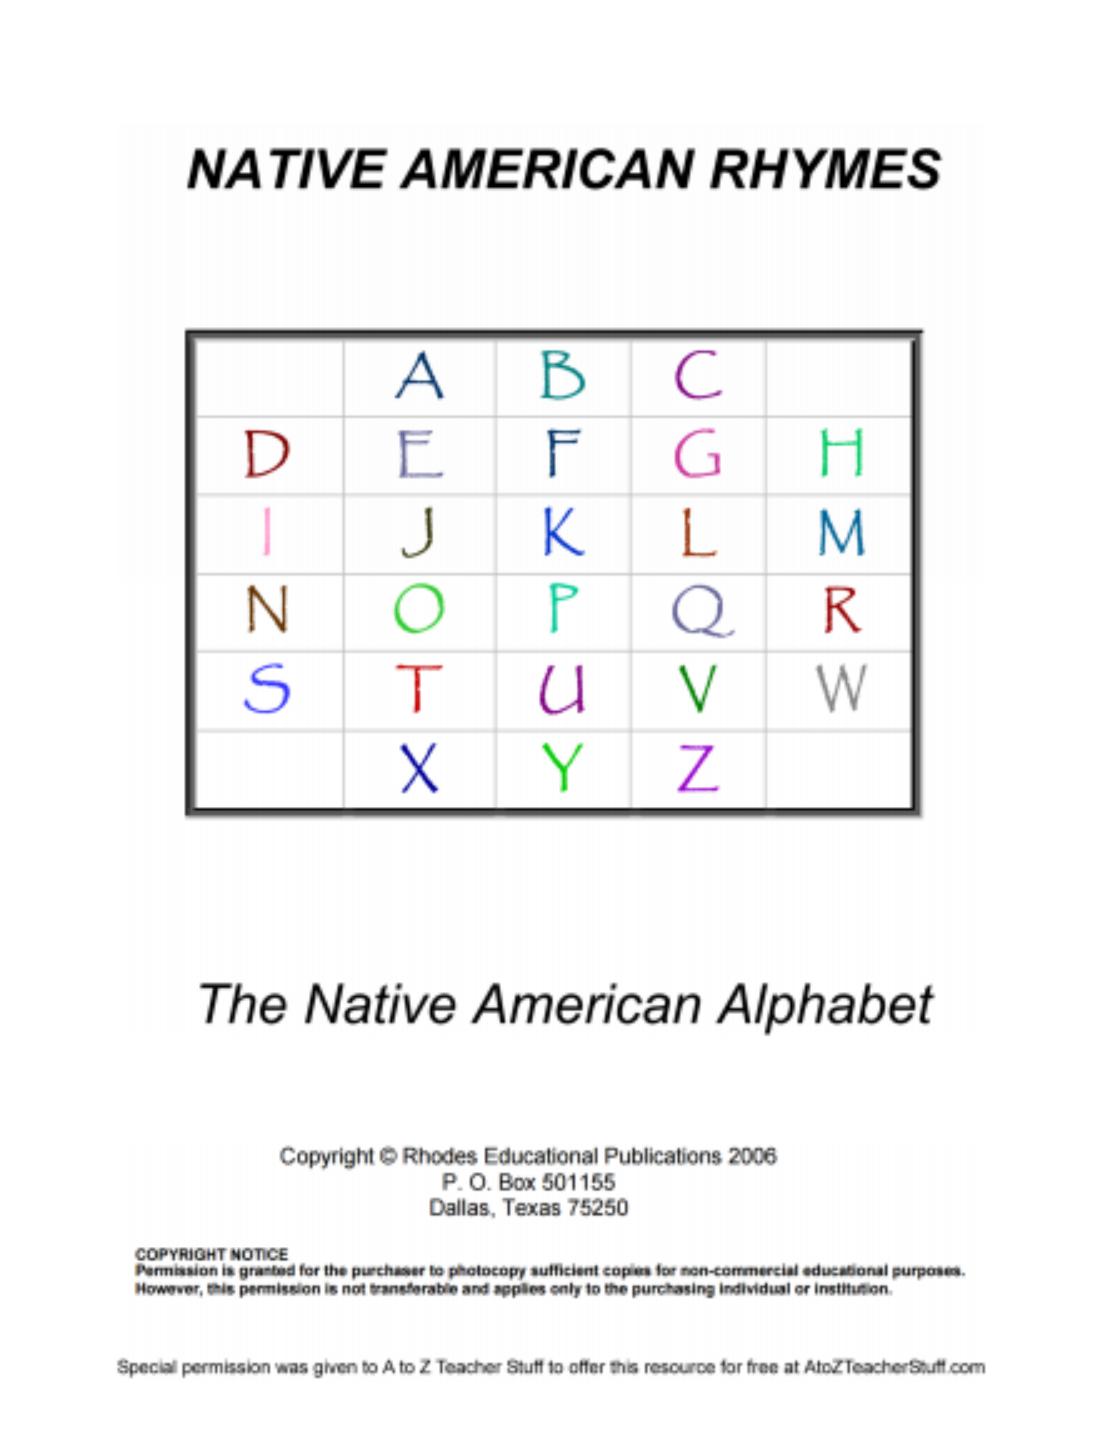 Native American Rhymes Printable Resources